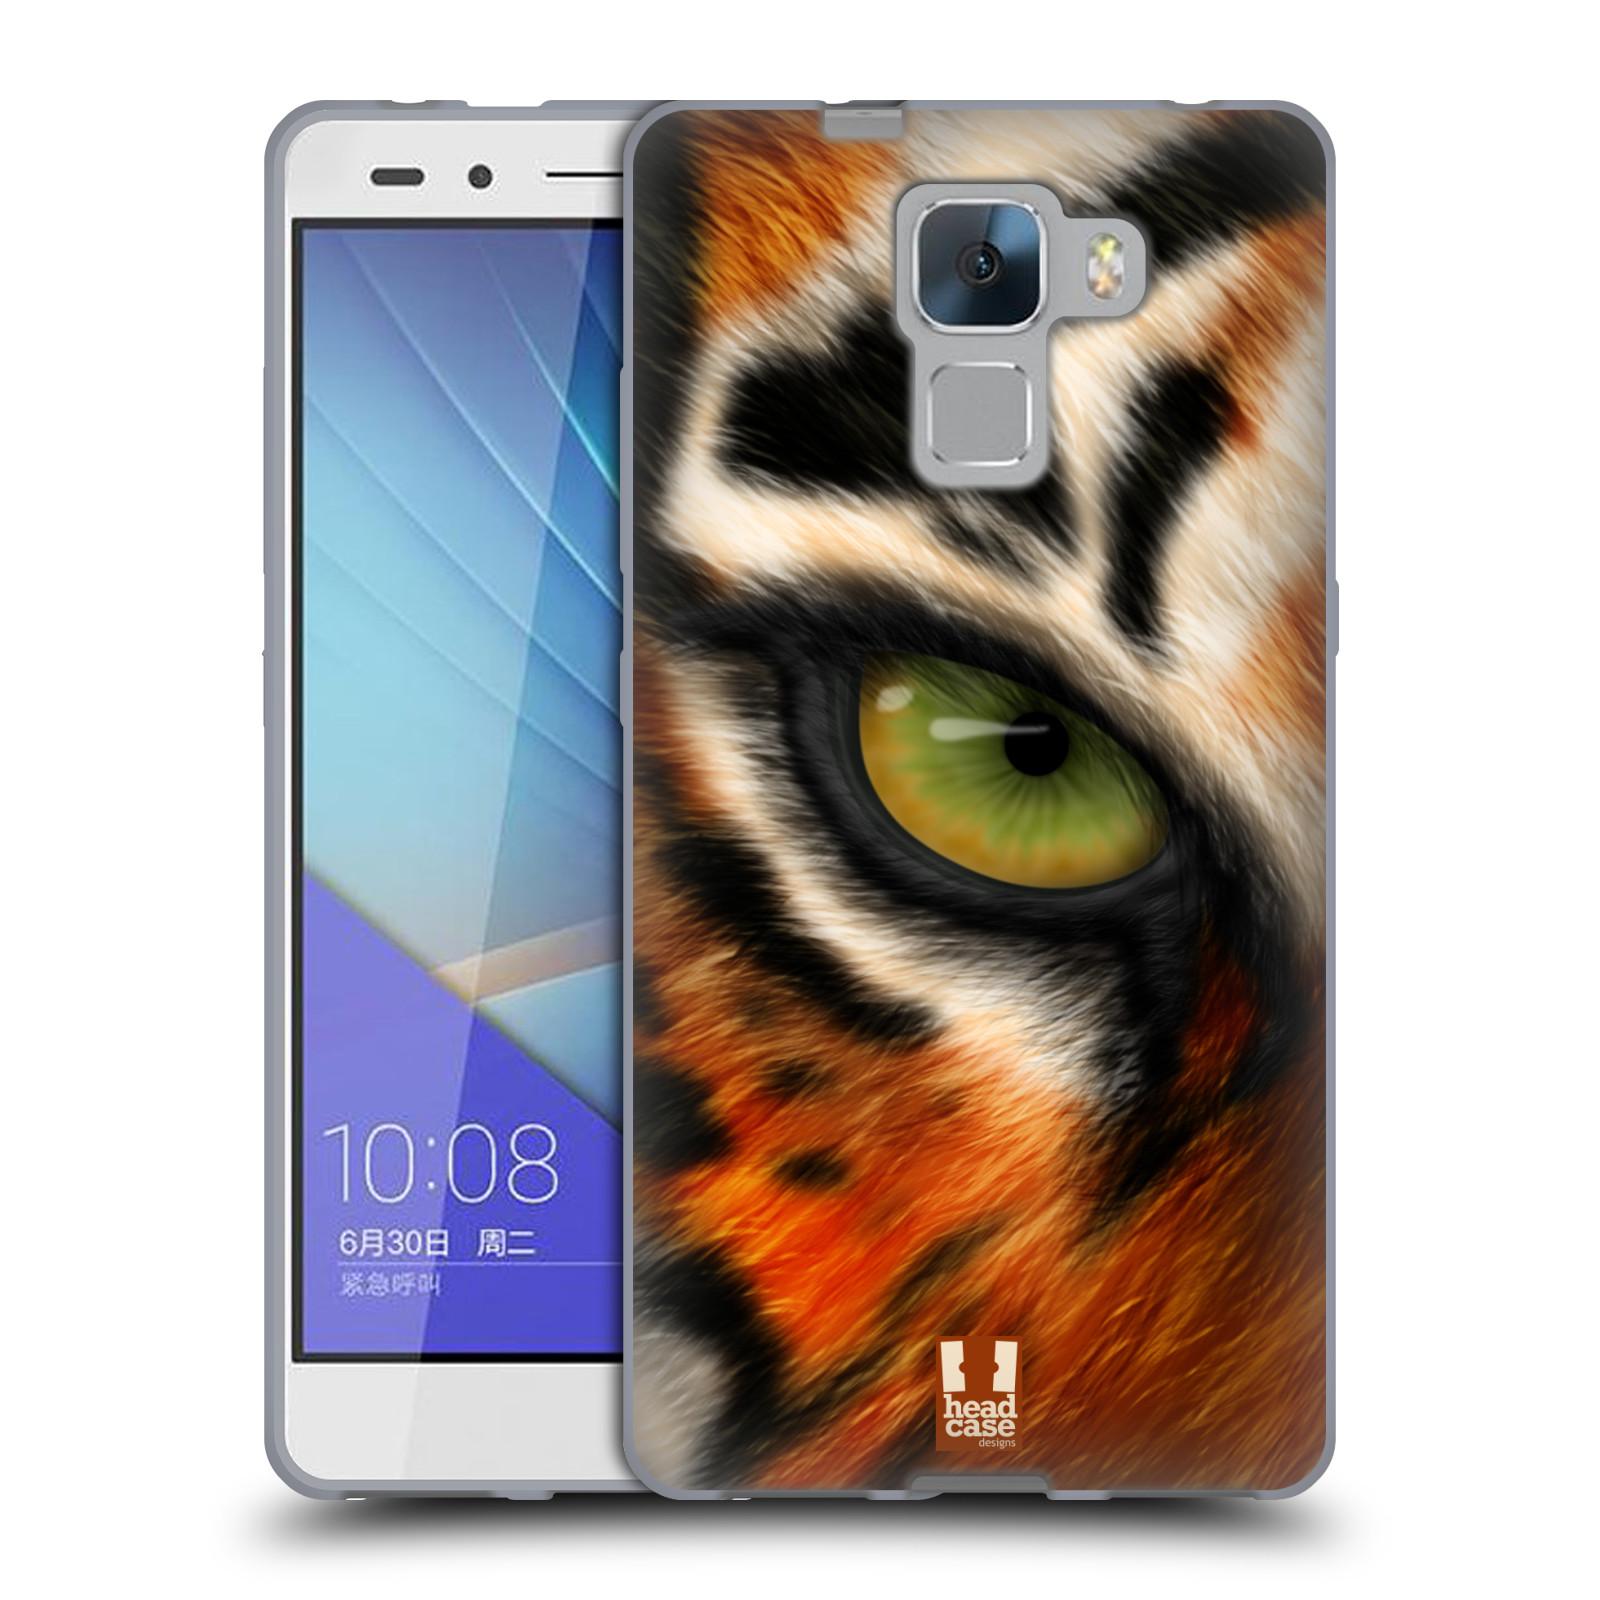 HEAD CASE silikonový obal na mobil HUAWEI HONOR 7 vzor pohled zvířete oko tygr